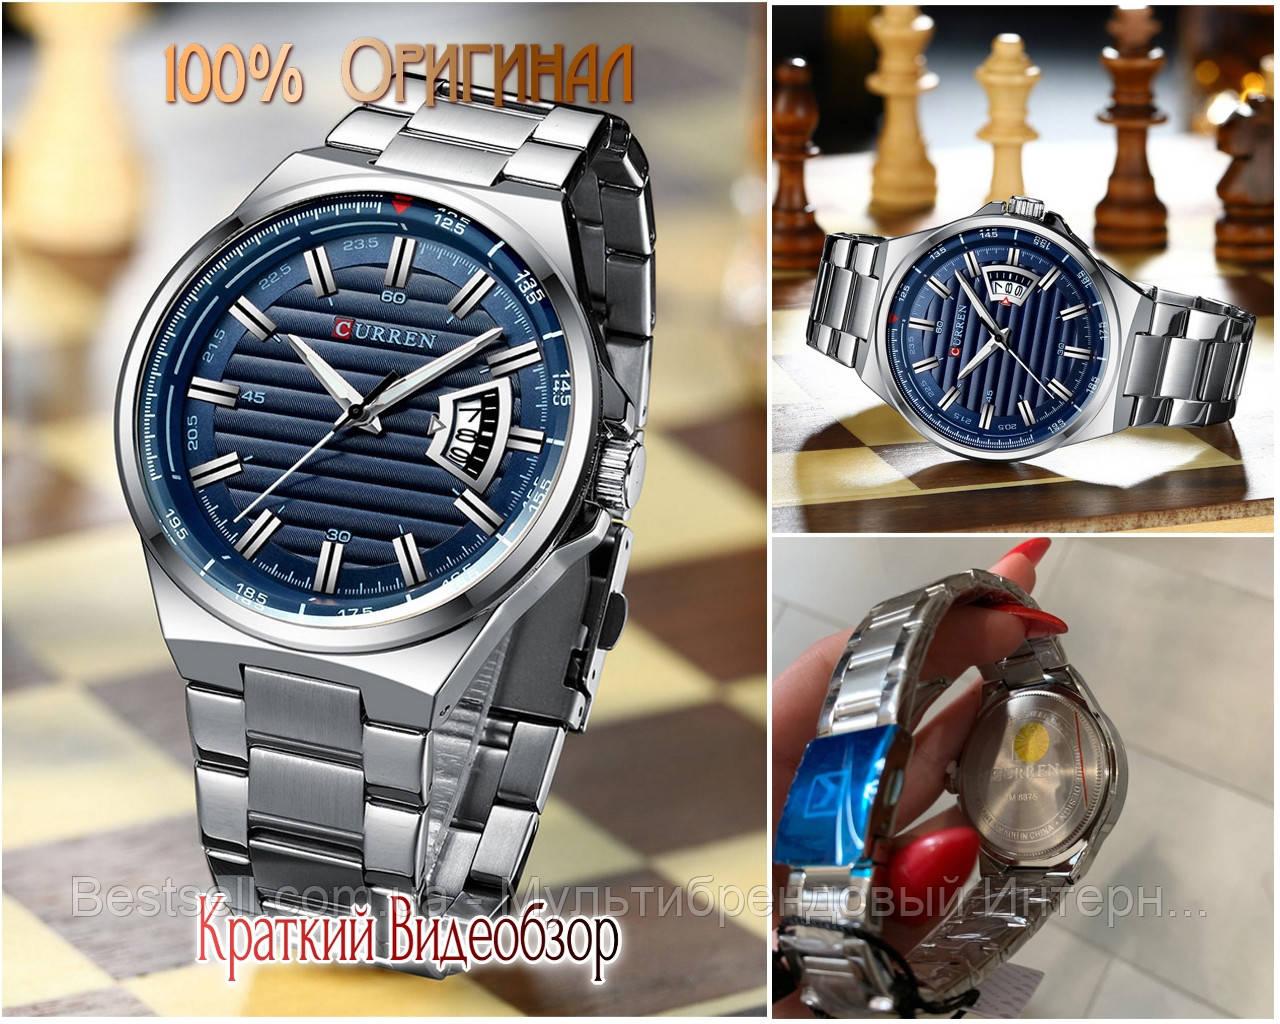 Оригинальные мужские часы стальной ремешок  Curren 8375 Silver-Blue / Часы Курен